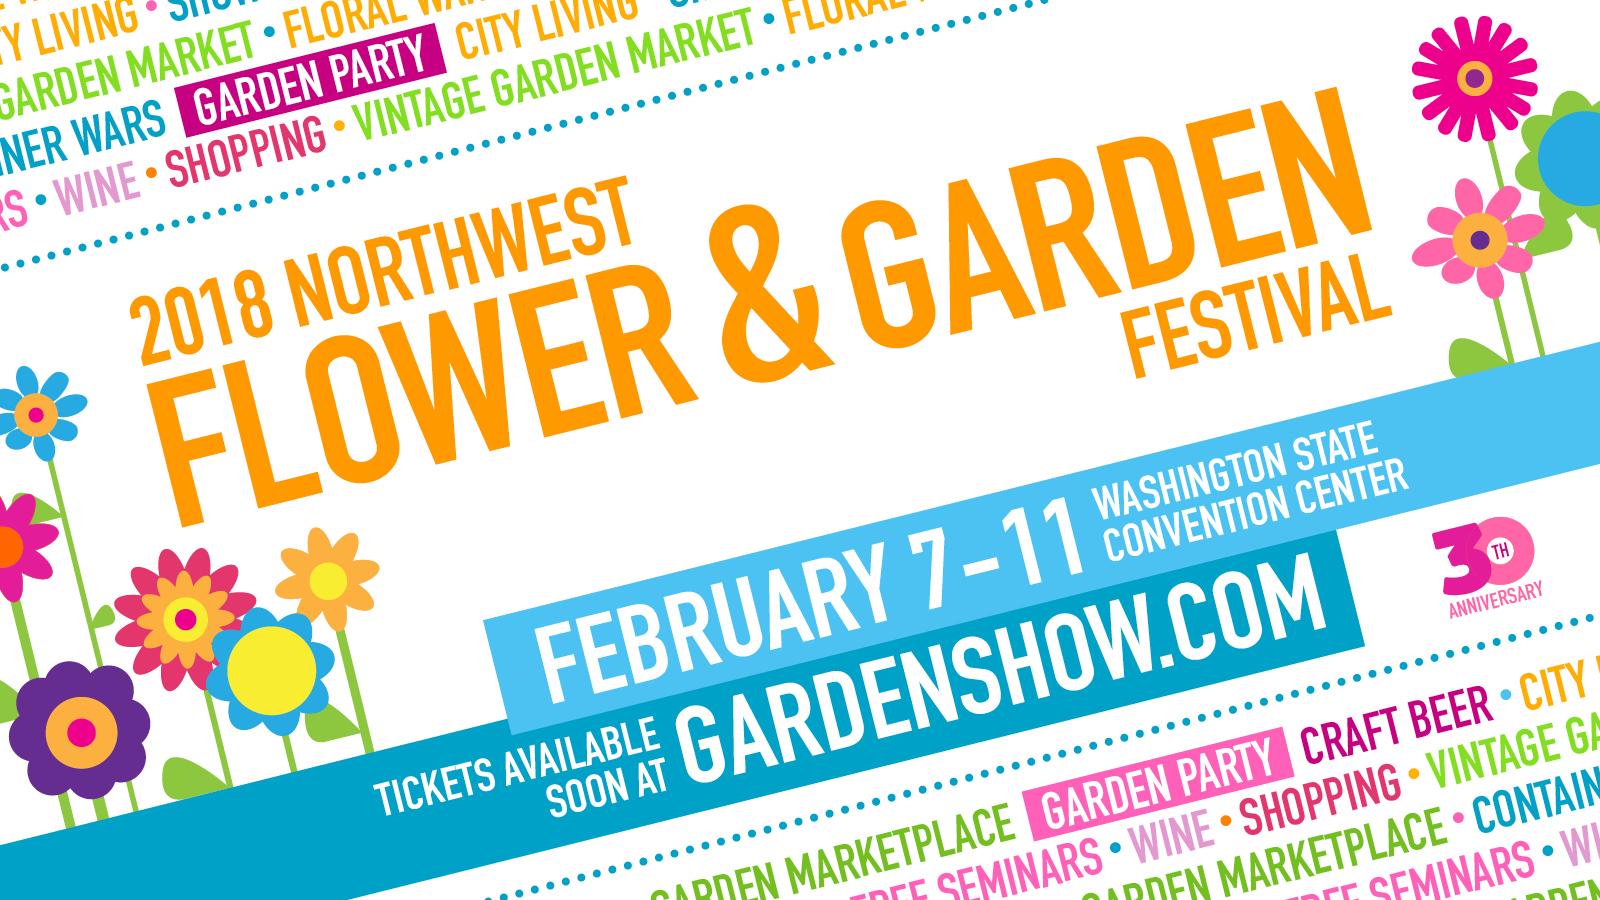 2018 northwest flower & garden show!!! | nature perfect